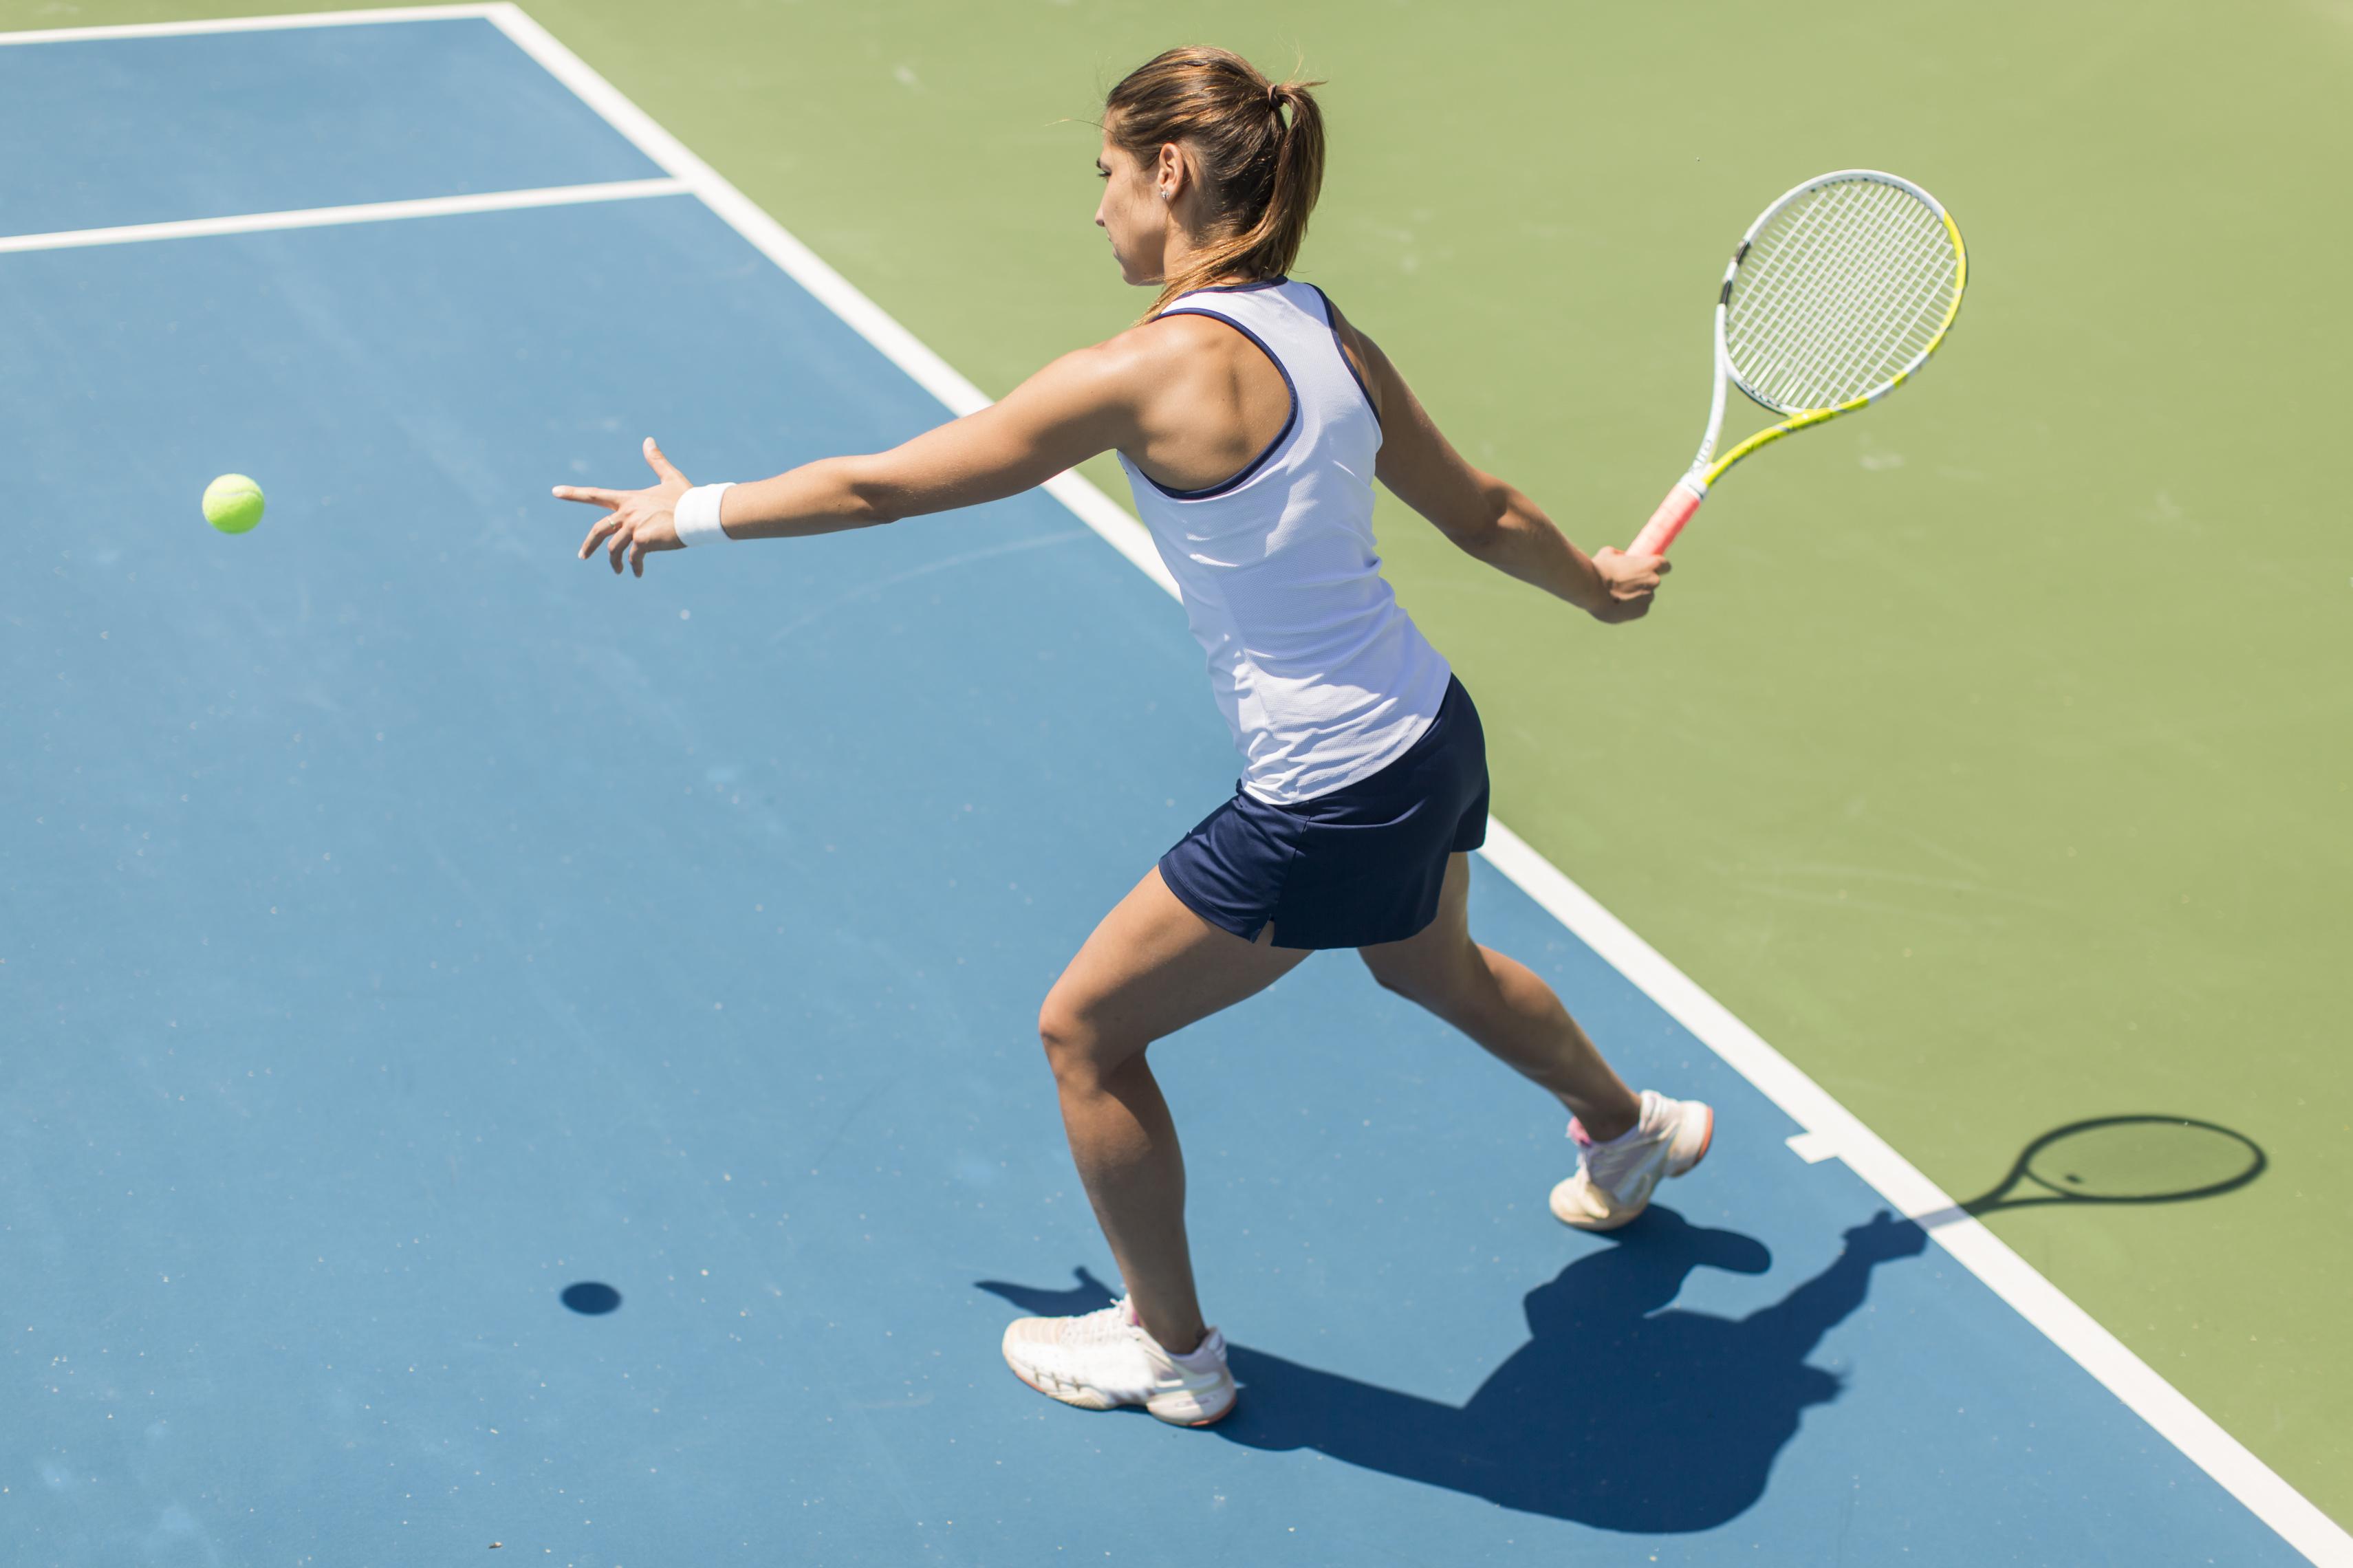 Tenis PRO Koszalin - Szkoła tenisa z Koszalina - Trener tenisa Andrzej Astapczyk